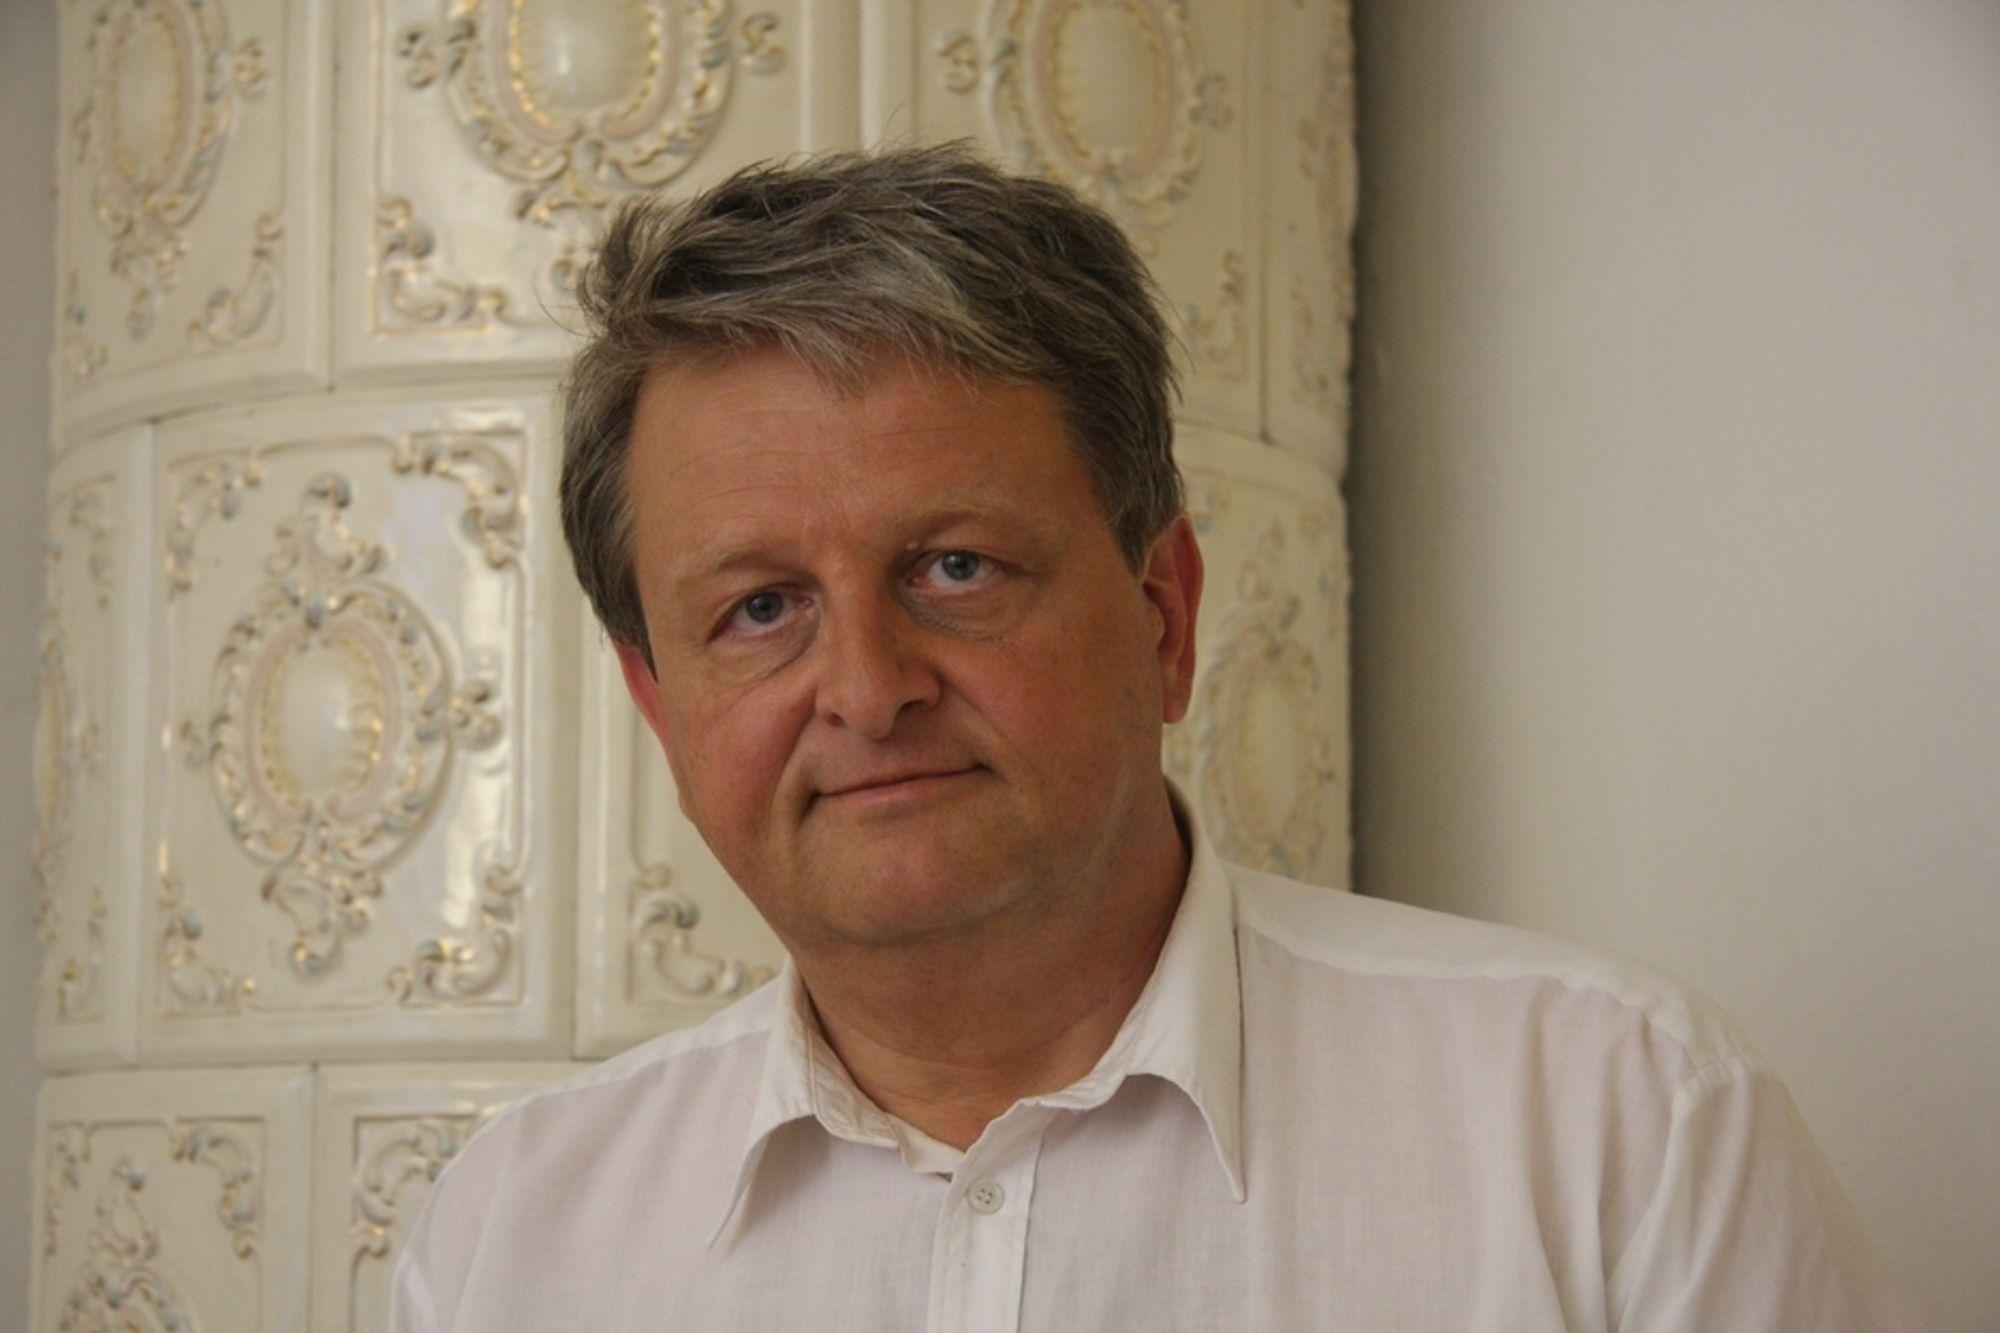 KRITISK: - Statkraft er en bedrift, som bør sees på som en bedrift, sier styreleder Arvid Grundekjøn, som er svært kritisk til statens utbyttepolitikk.